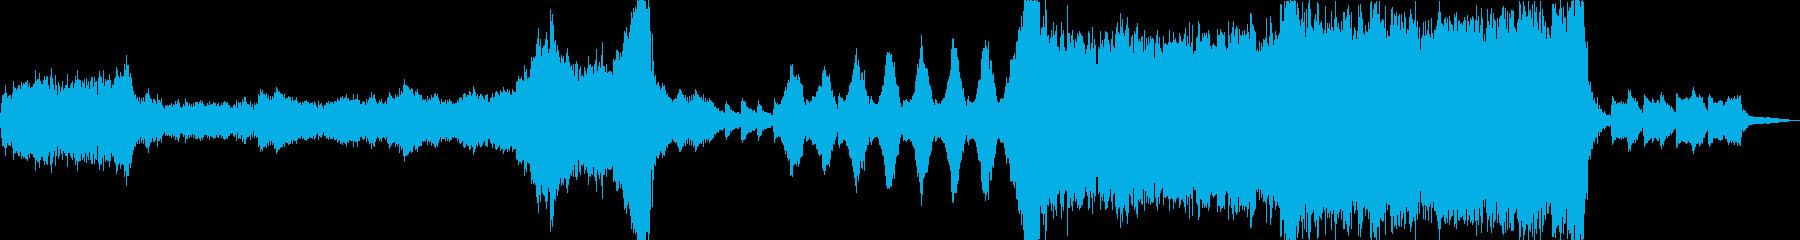 重いエピックオーケストラと古代の墓の再生済みの波形